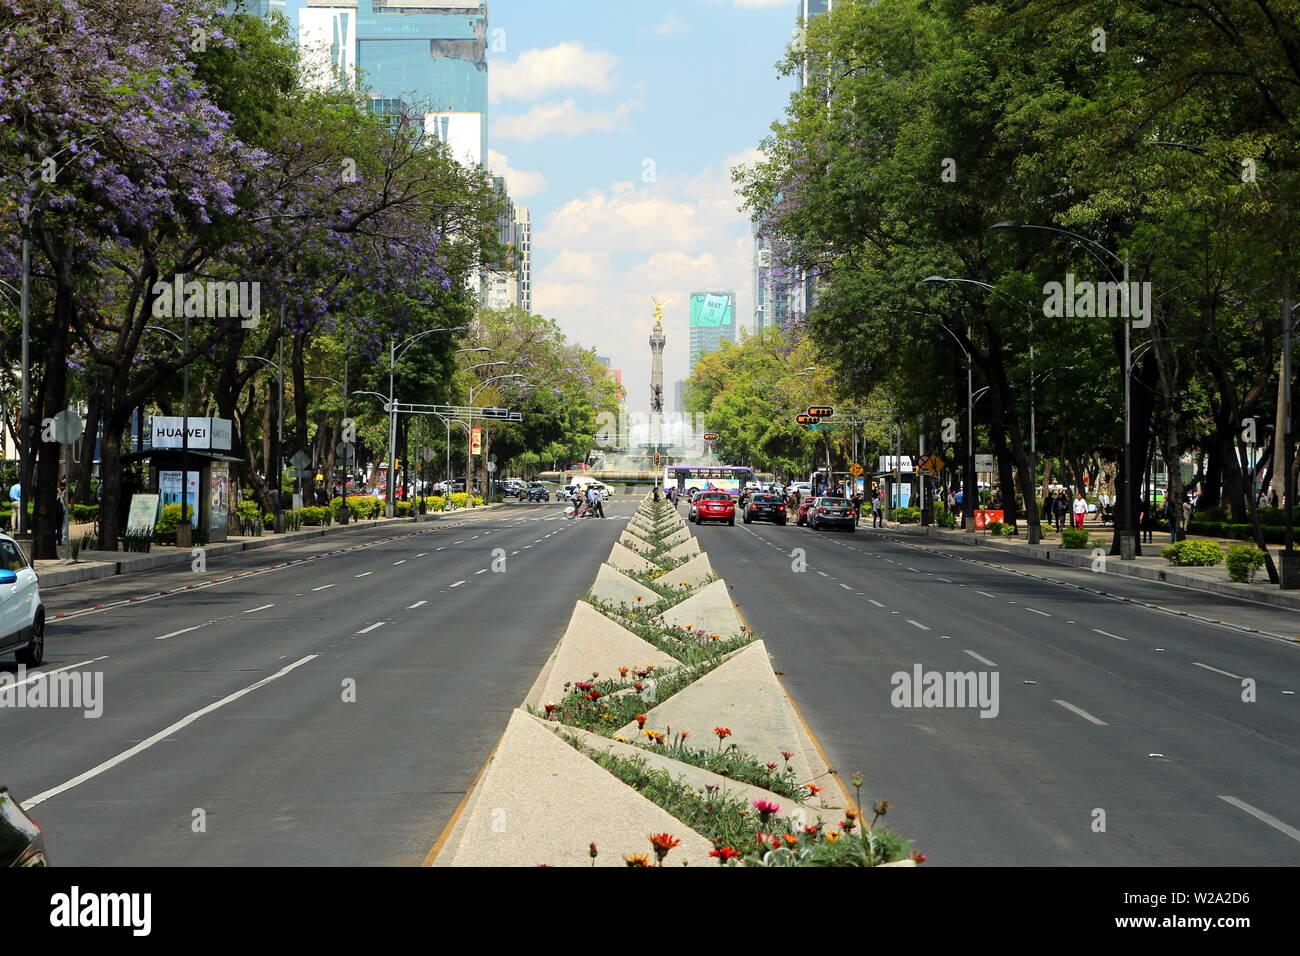 Paseo de la Reforma Avenue, Mexico city. - Stock Image